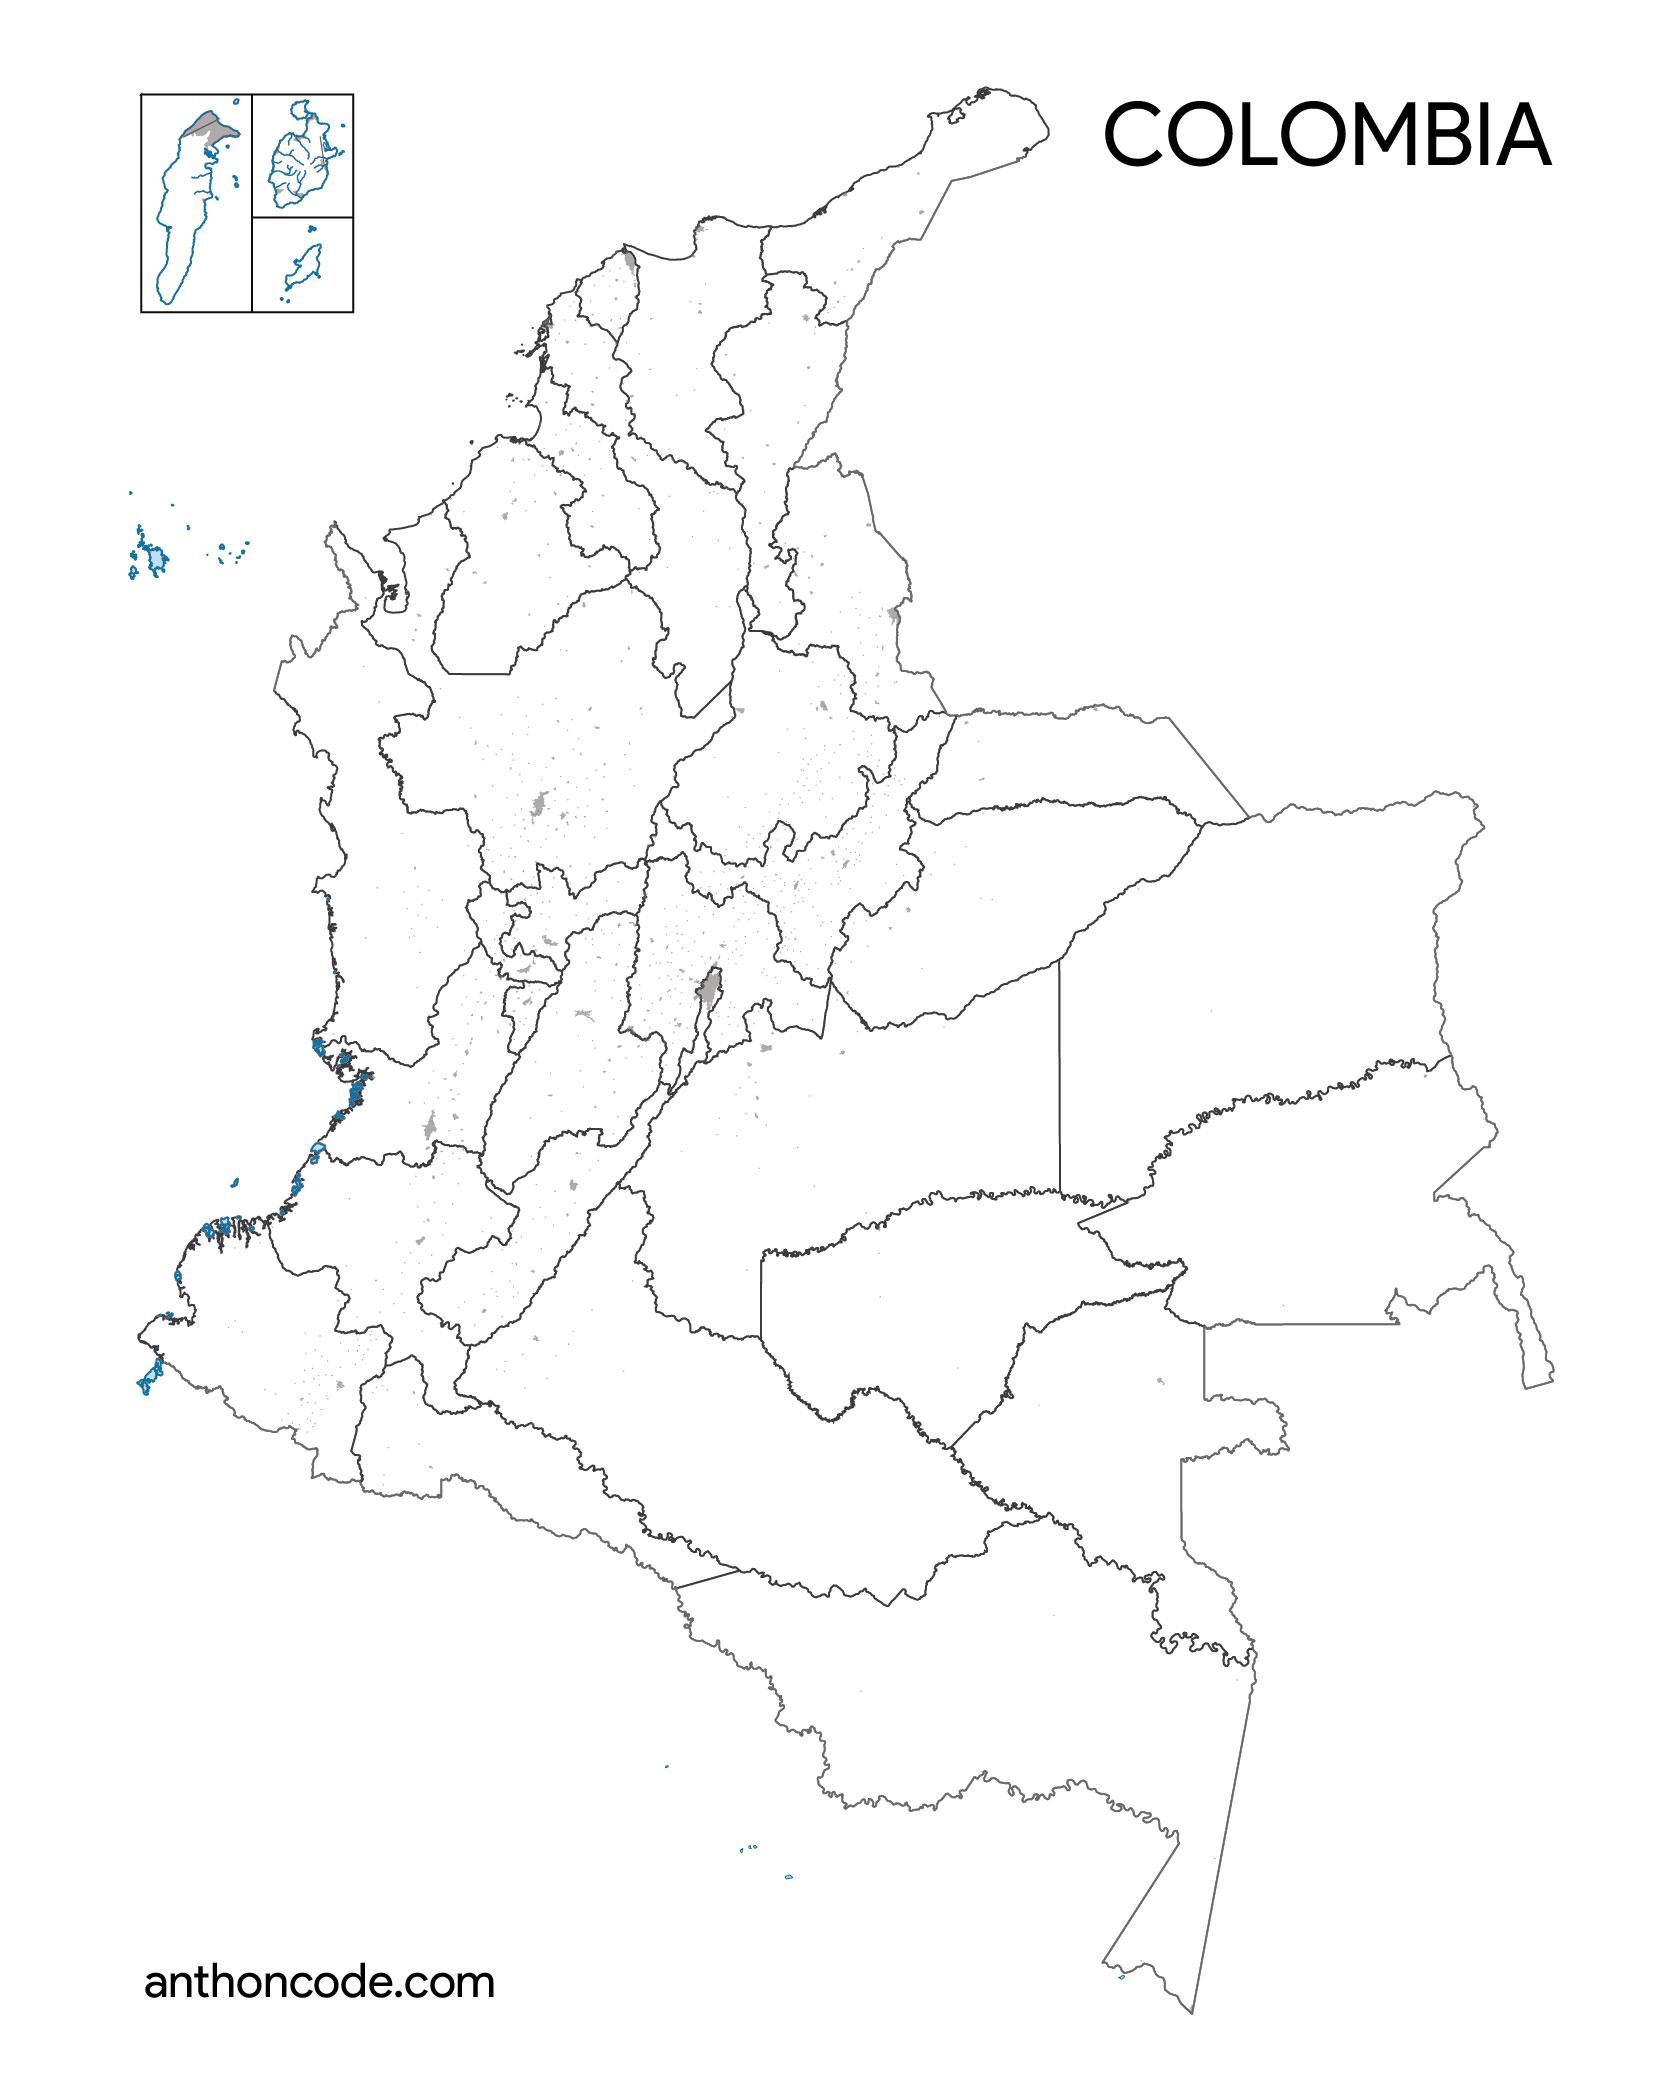 mapa político mudo de Colombia